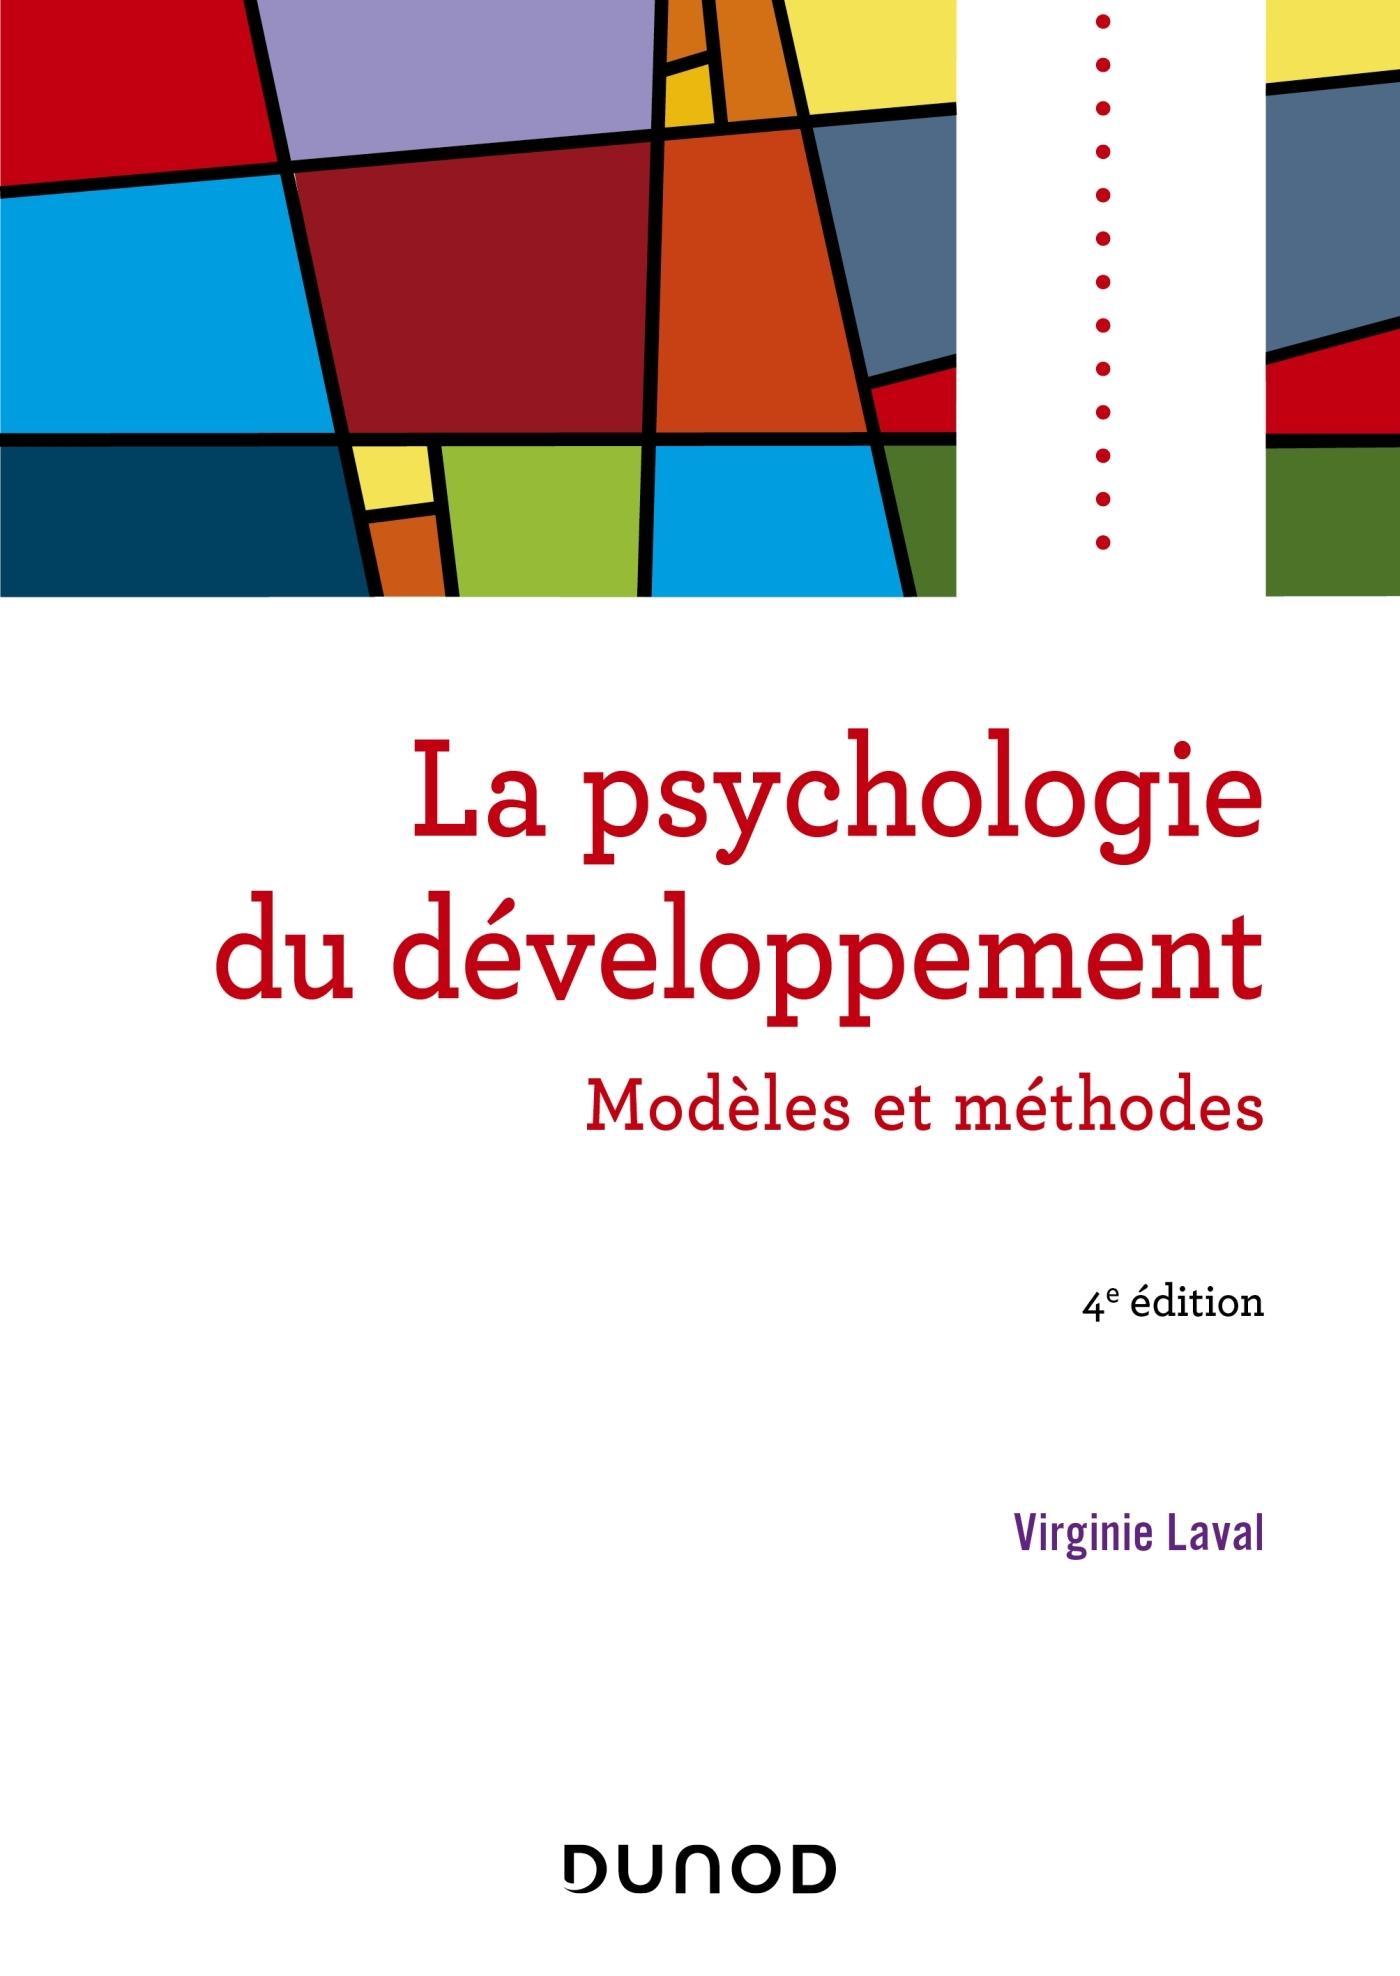 PSYCHOLOGIE DU DEVELOPPEMENT - 4E ED. - MODELES ET METHODES